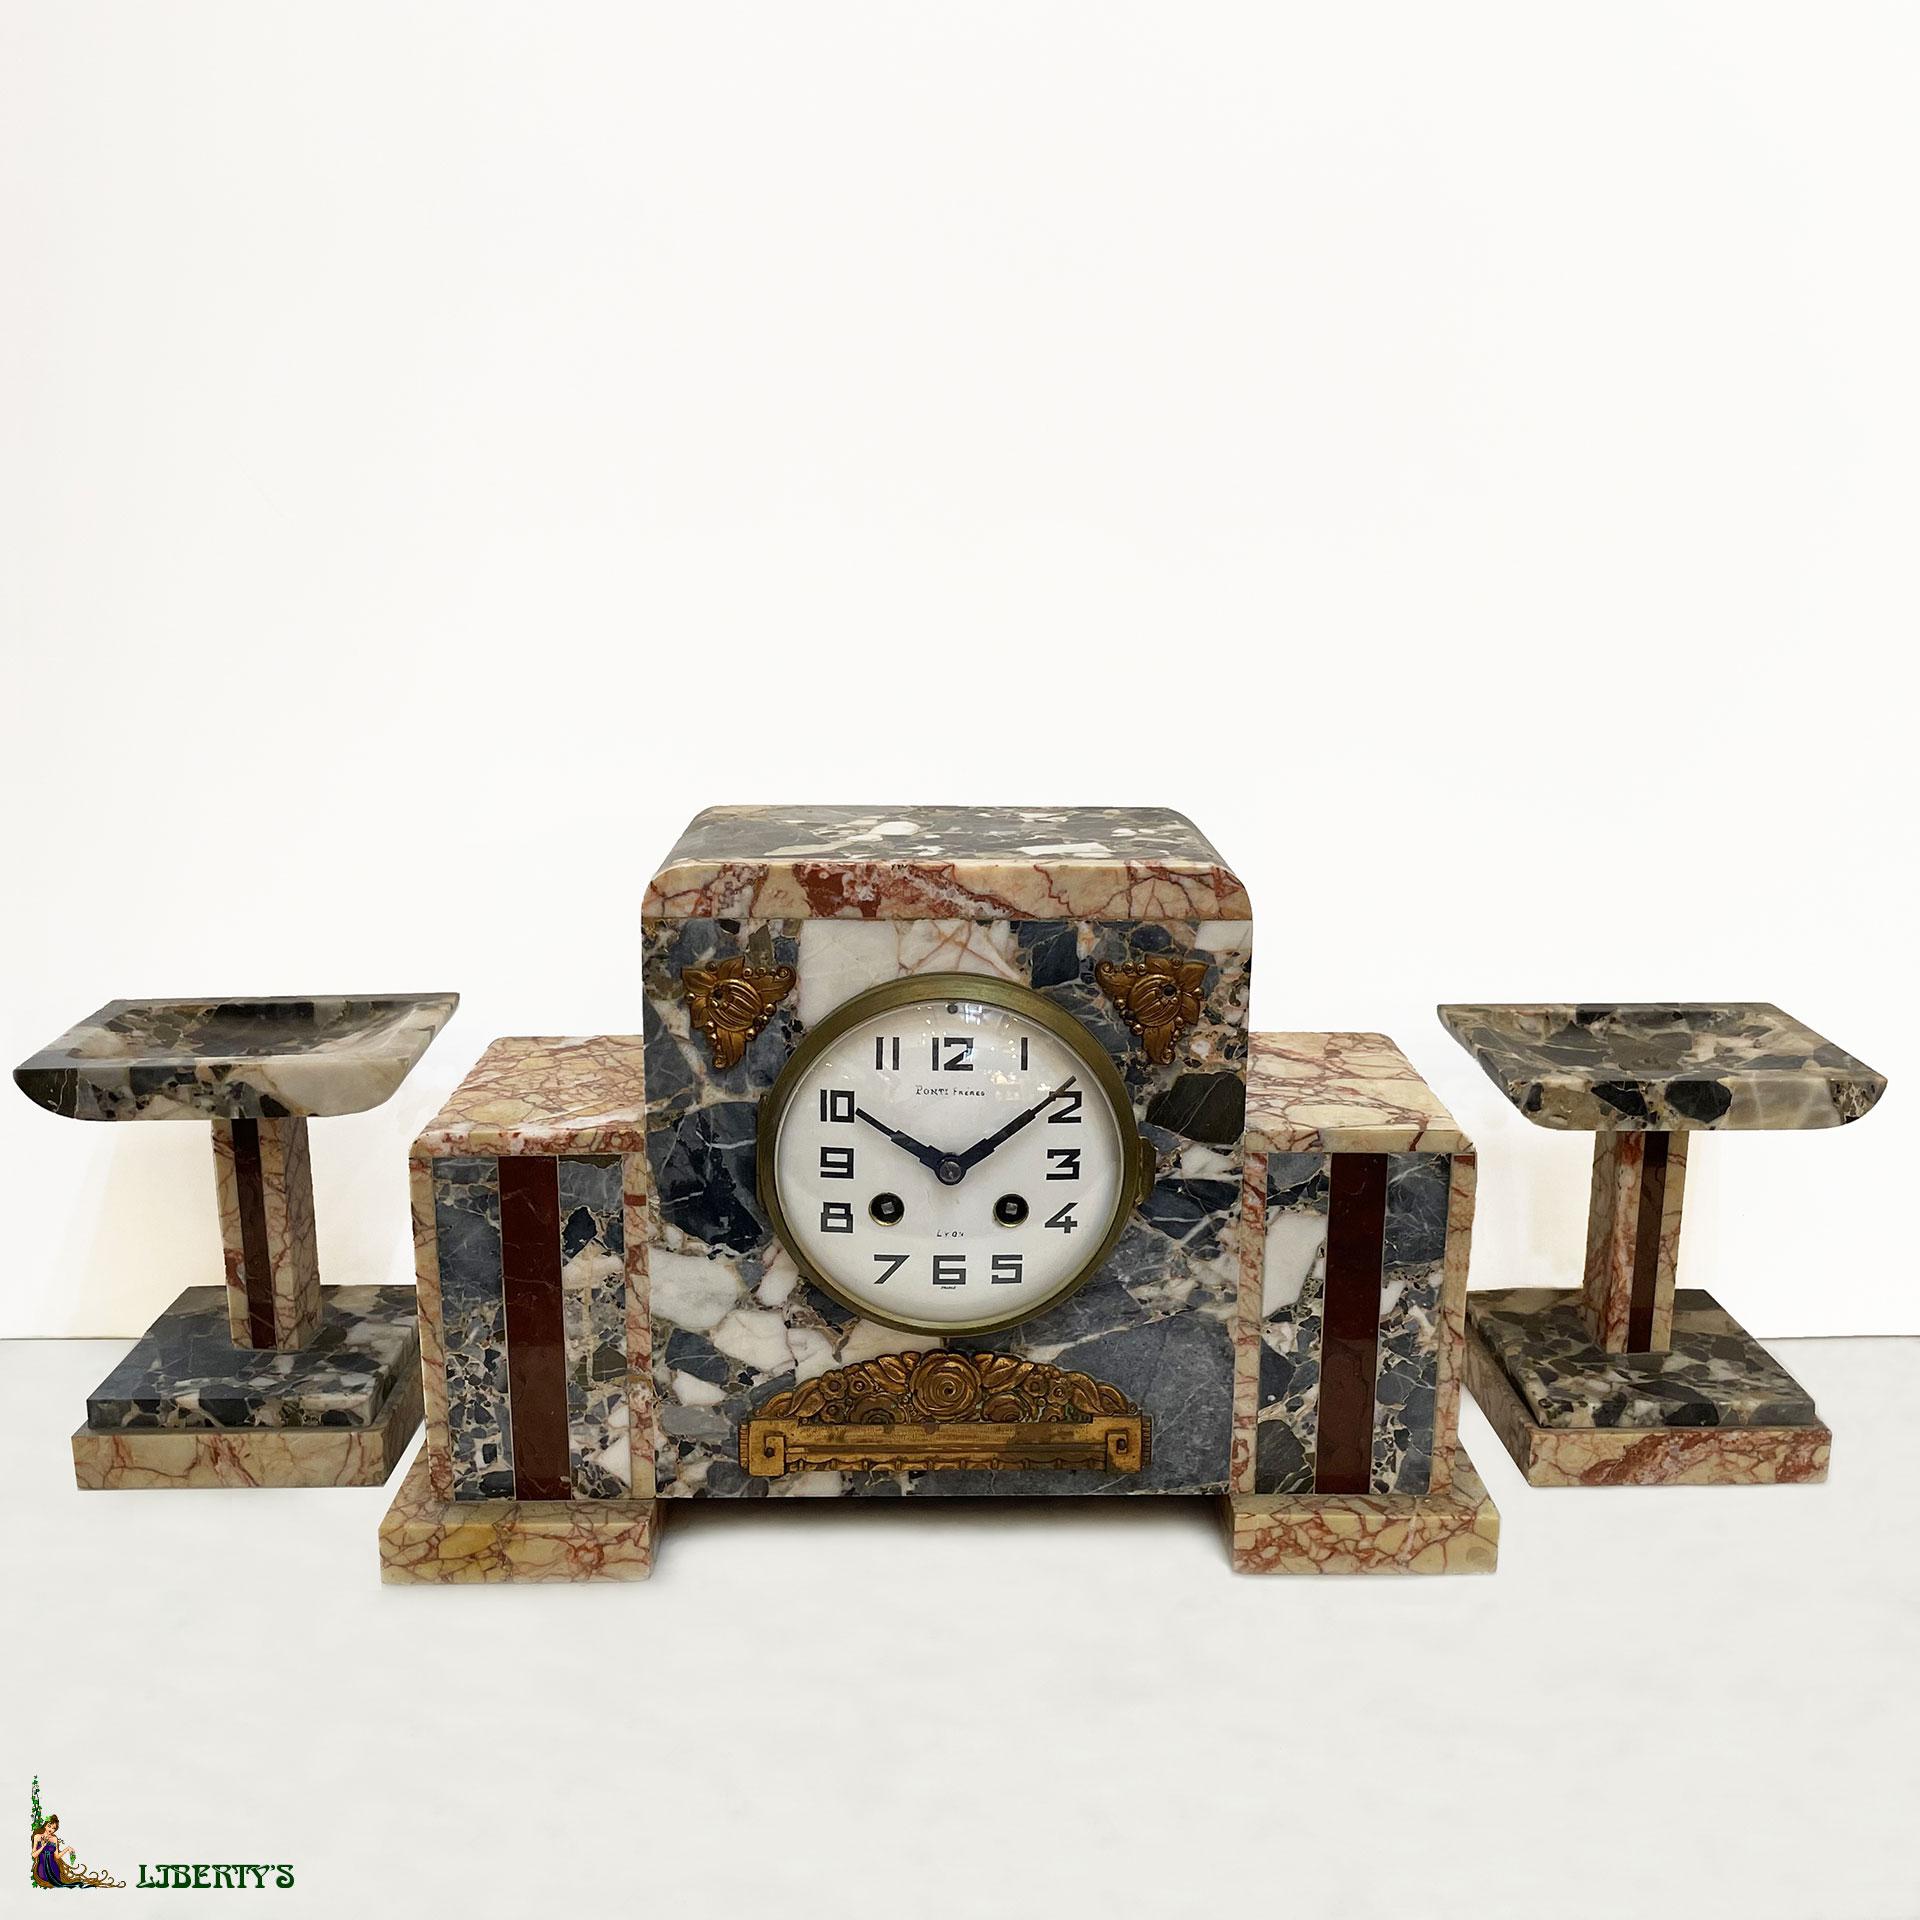 liberty 39 s antiques art deco clocks horloges art deco. Black Bedroom Furniture Sets. Home Design Ideas